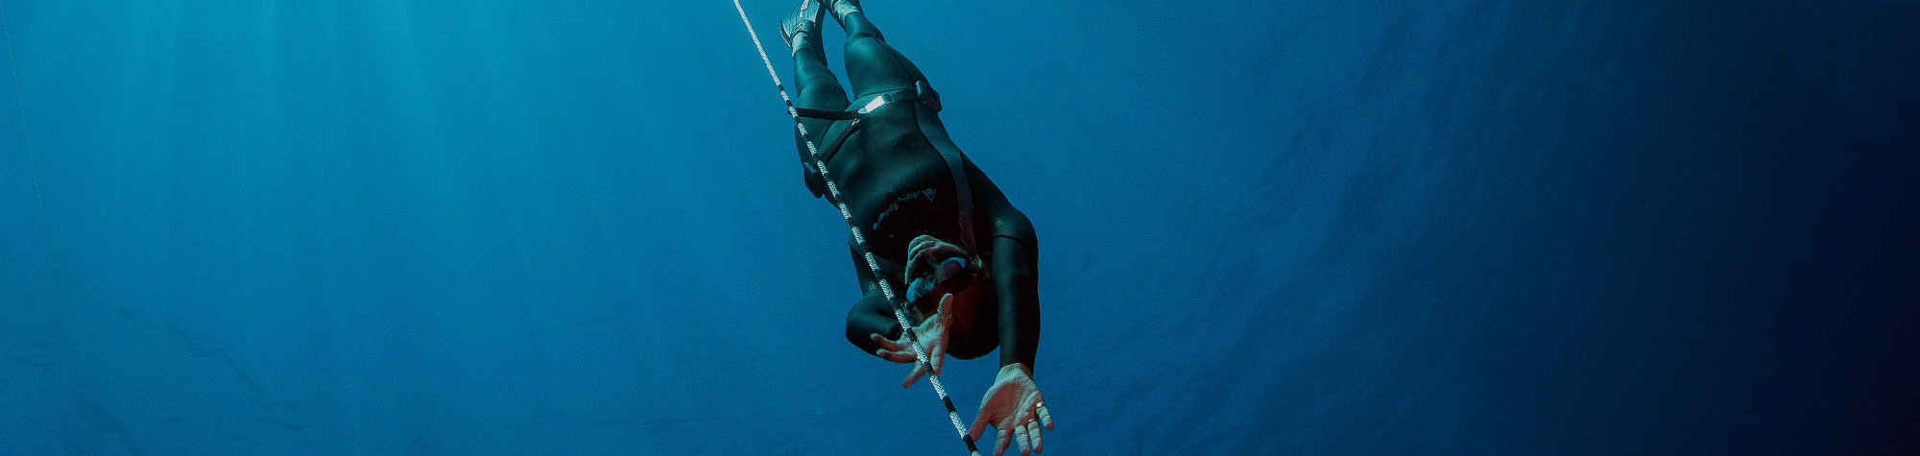 freediving course Cabo San Lucas